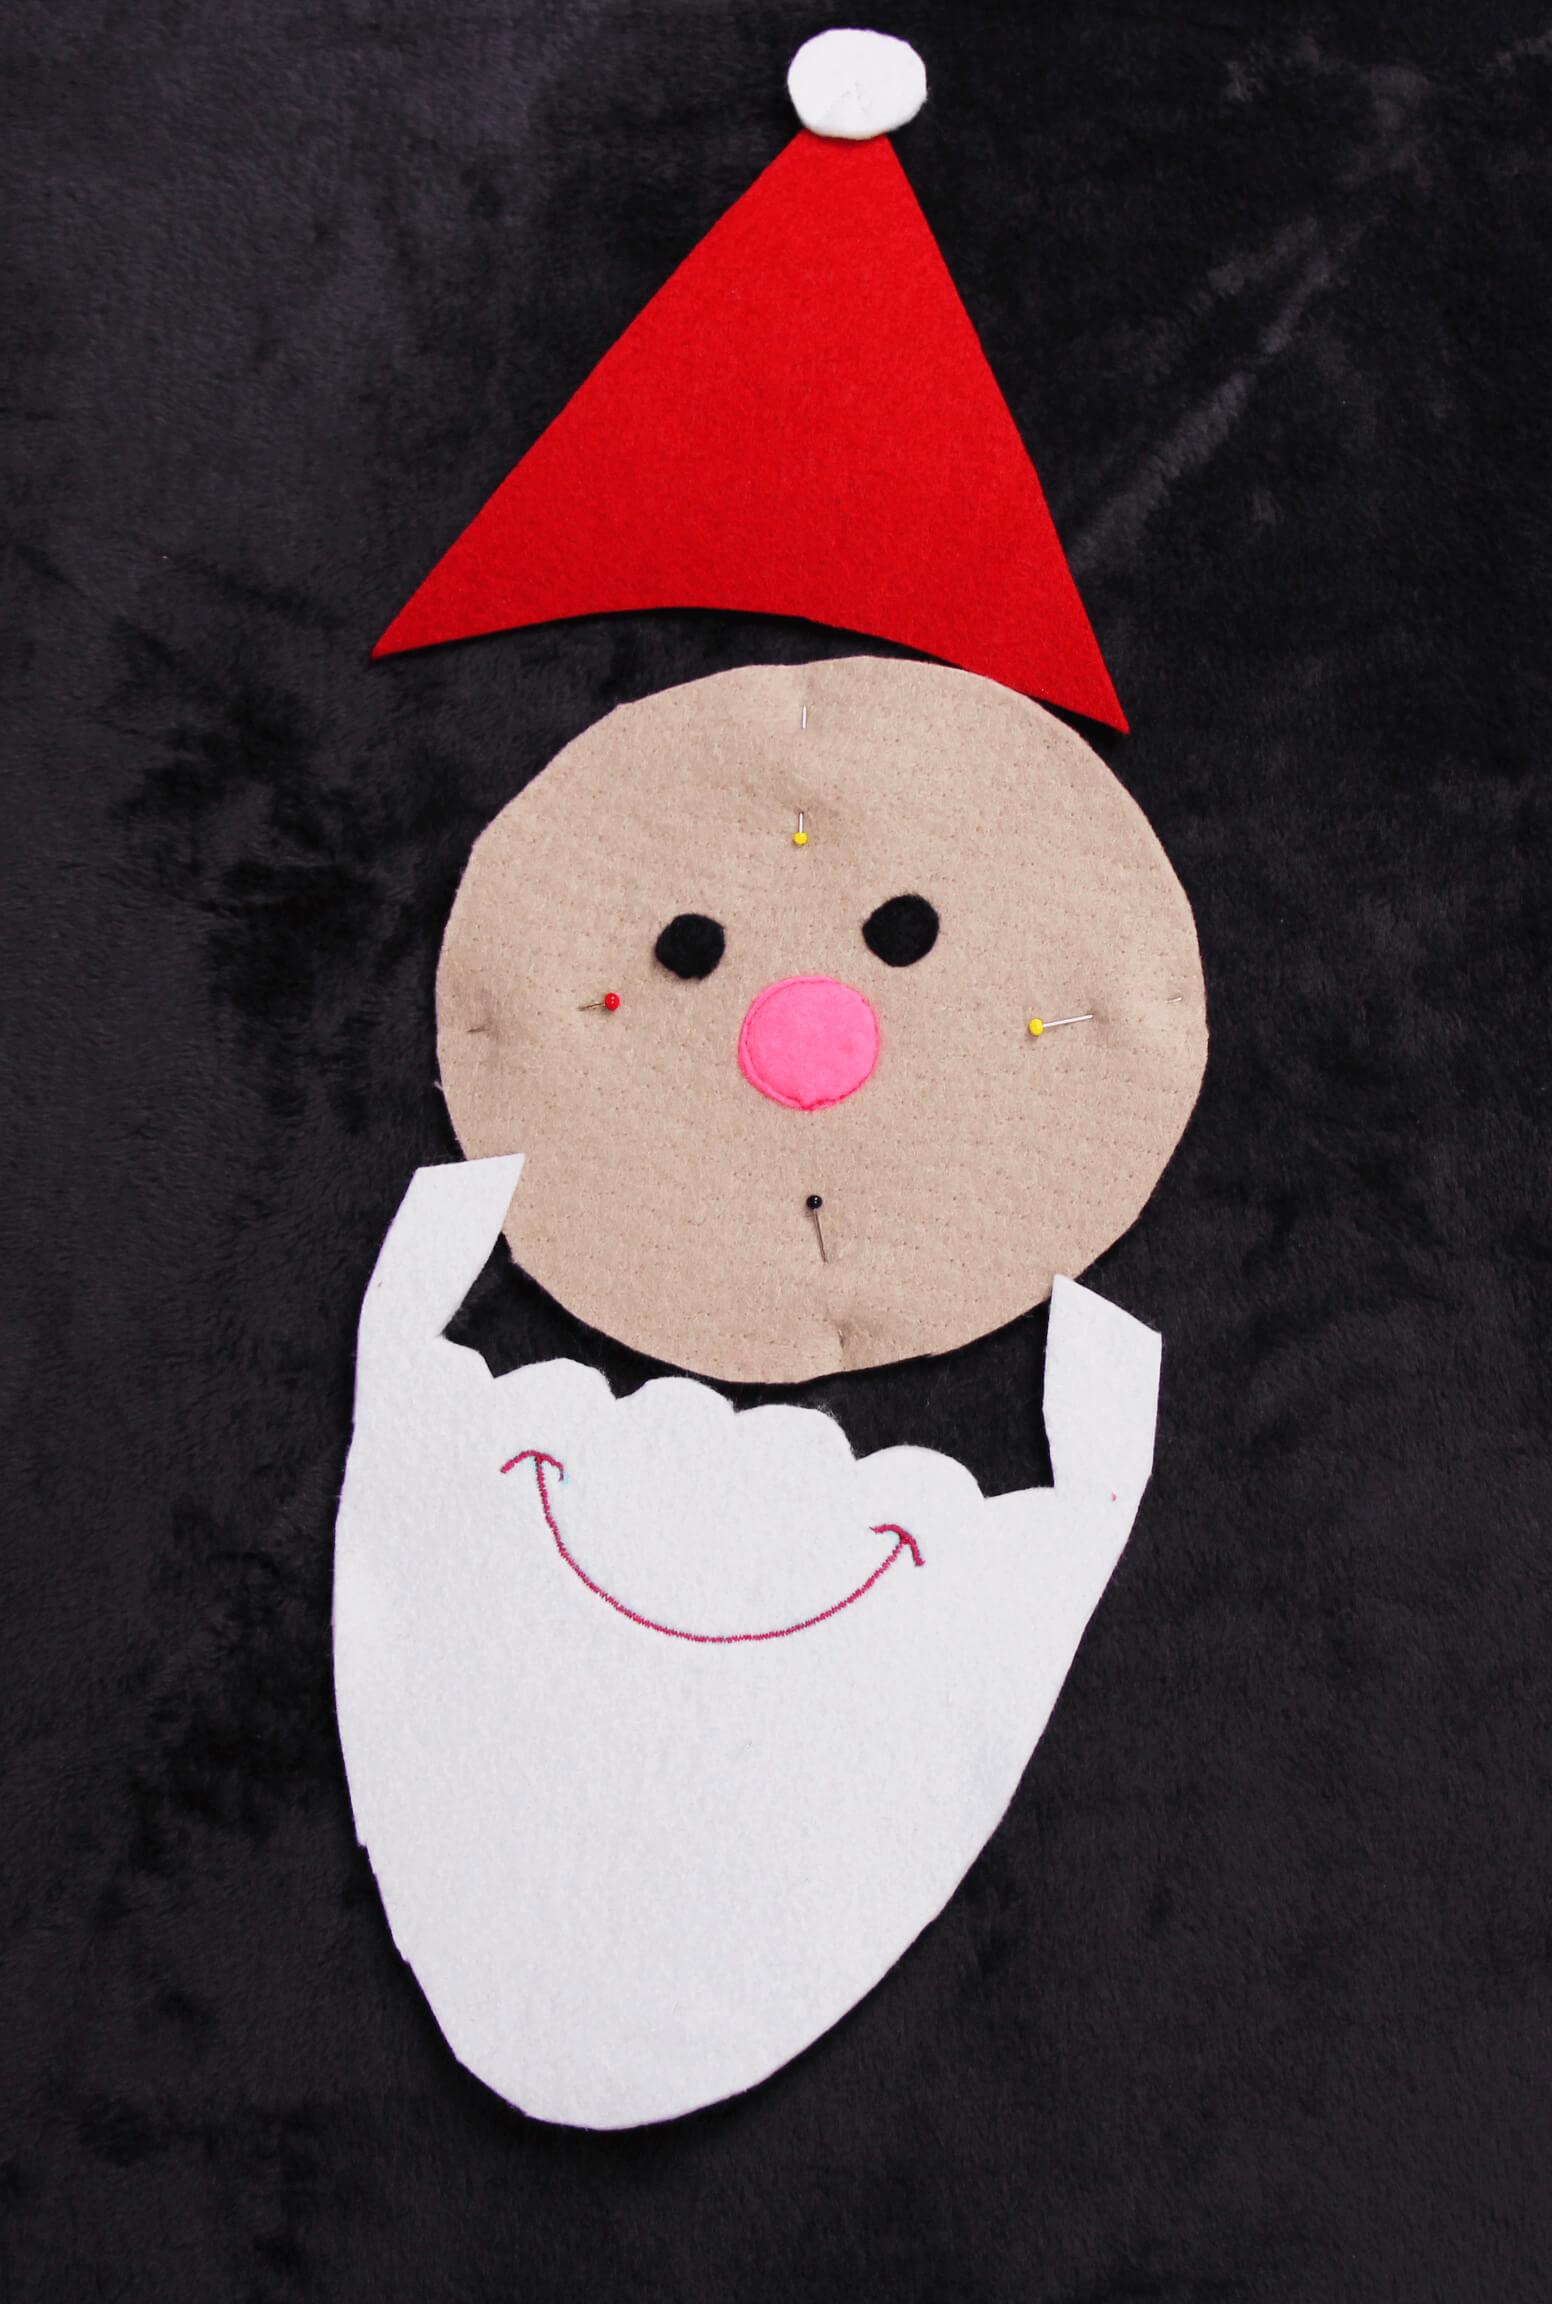 Nähen für Advent - Nikolaus applizieren 04 Teile aufnähen